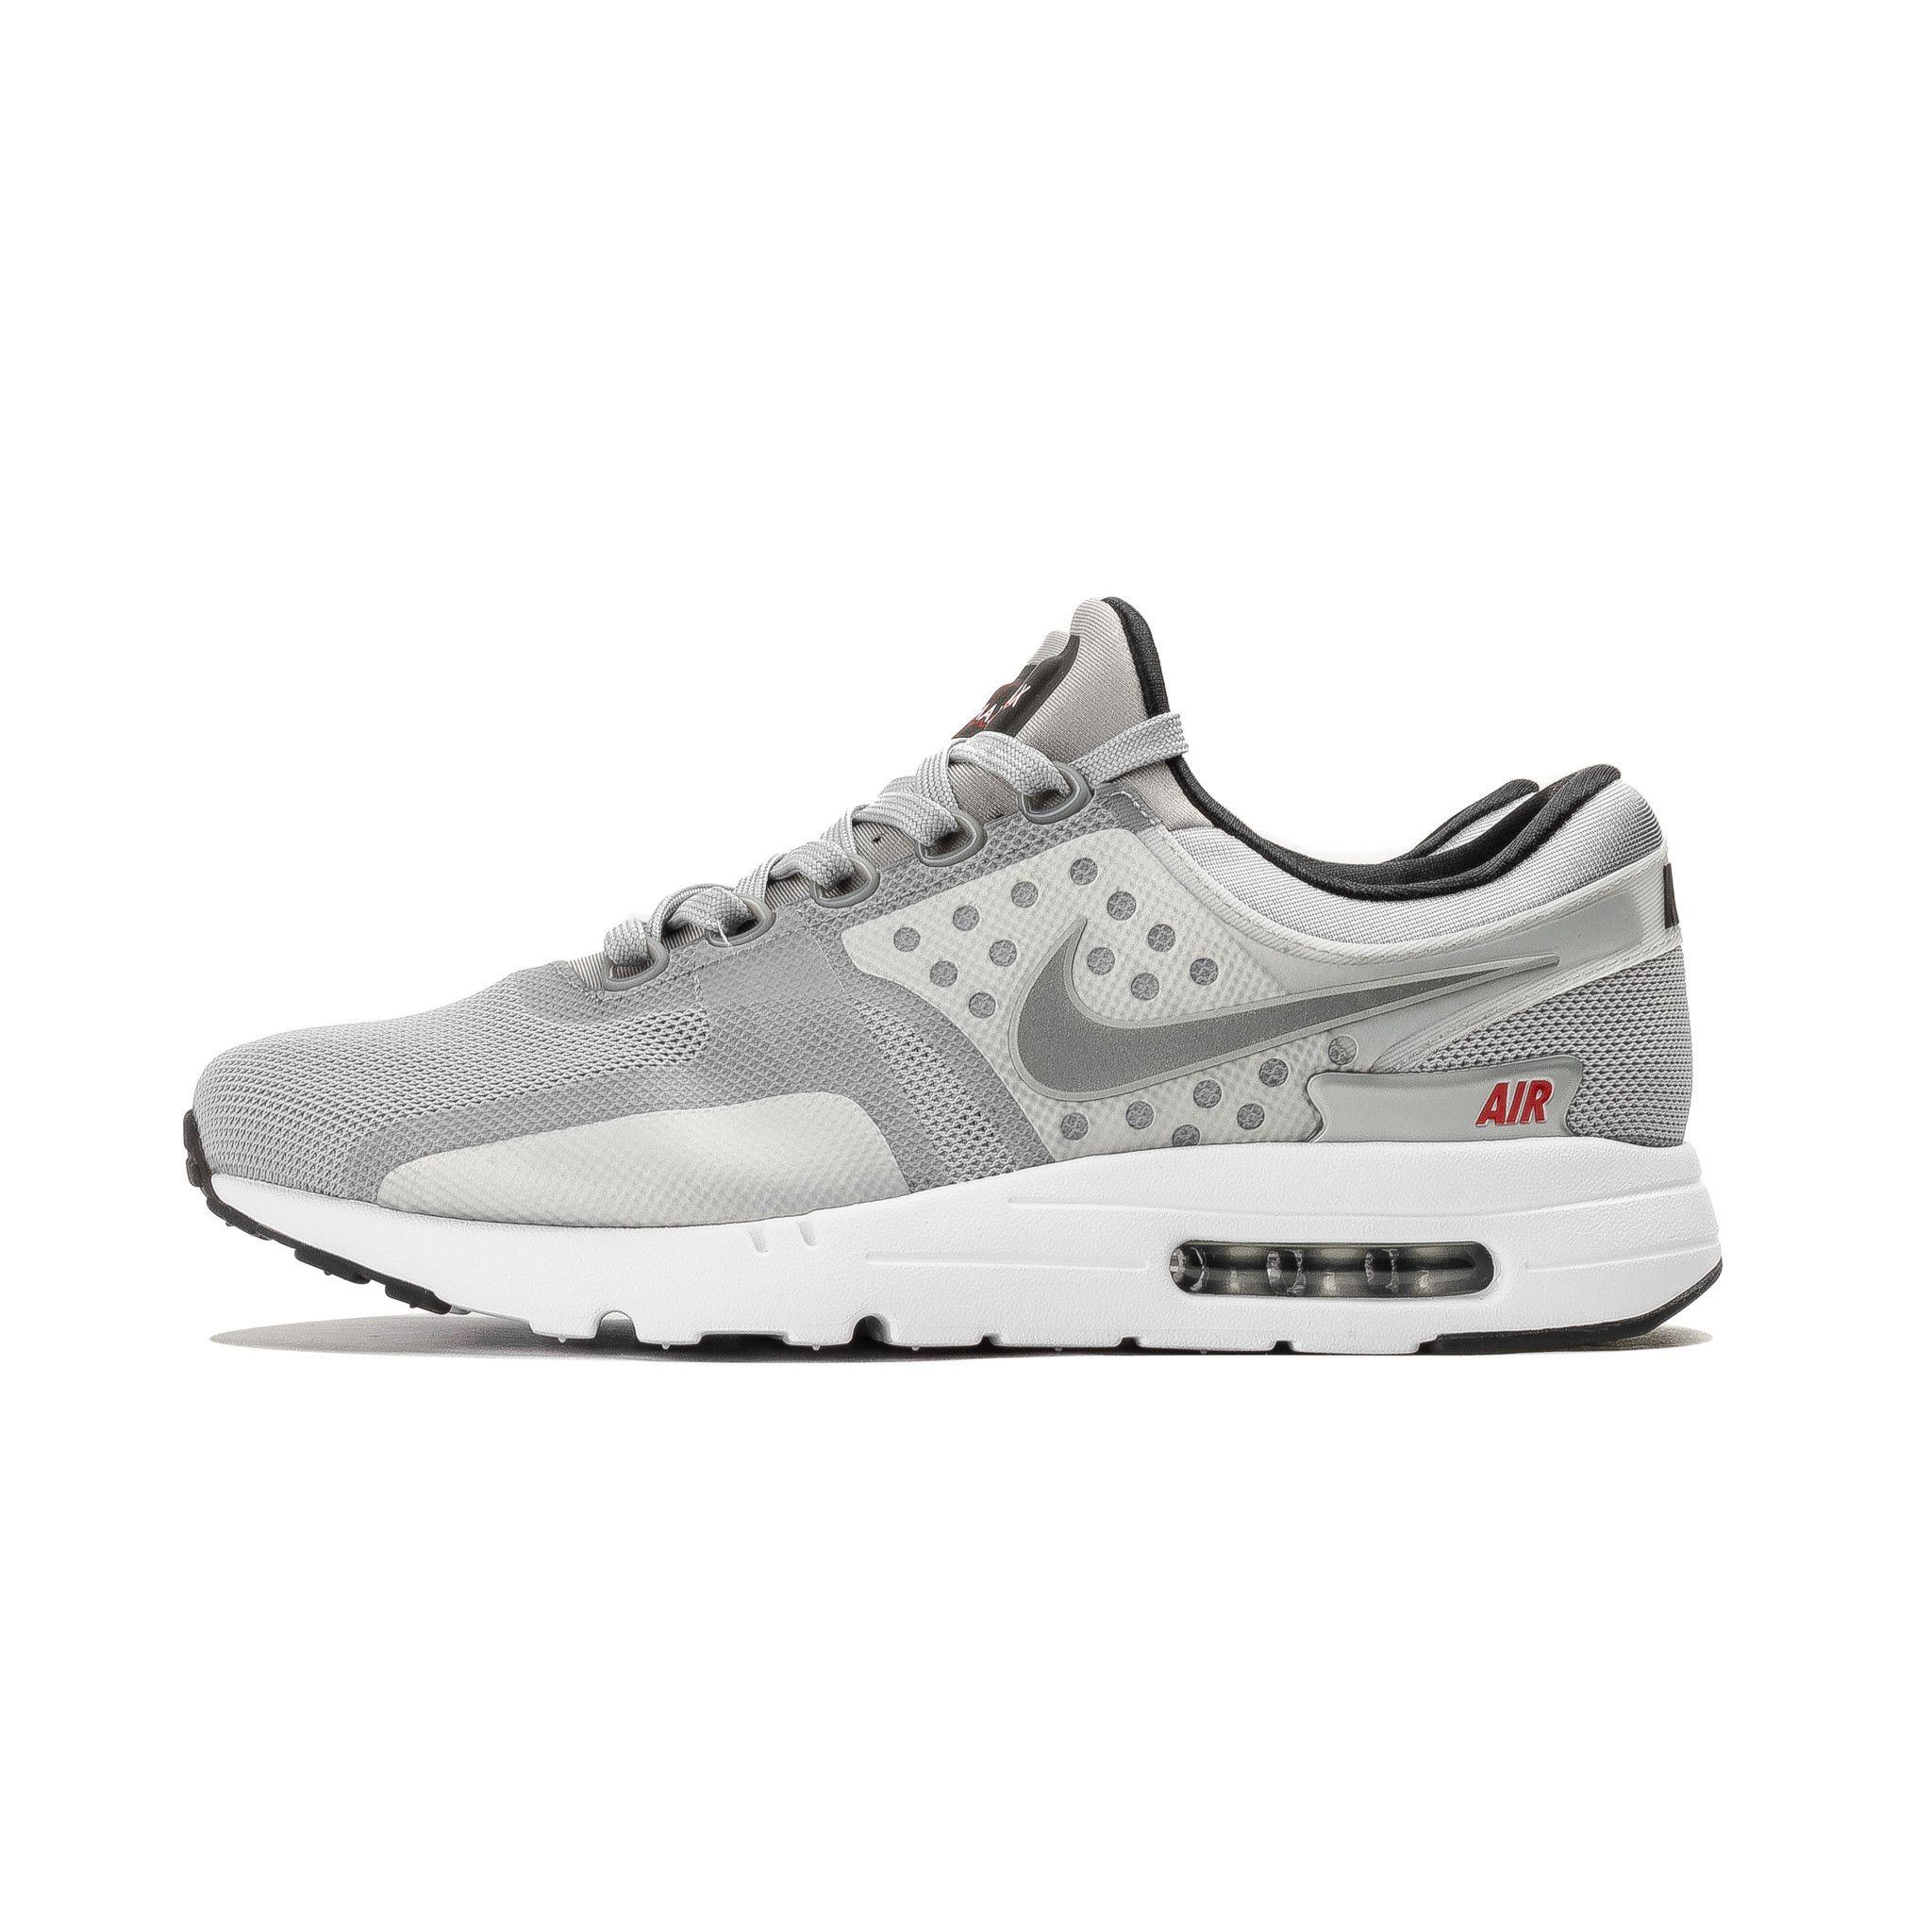 Nike Air Max Zero Mens – Air Max Zero QS Metallic Silver